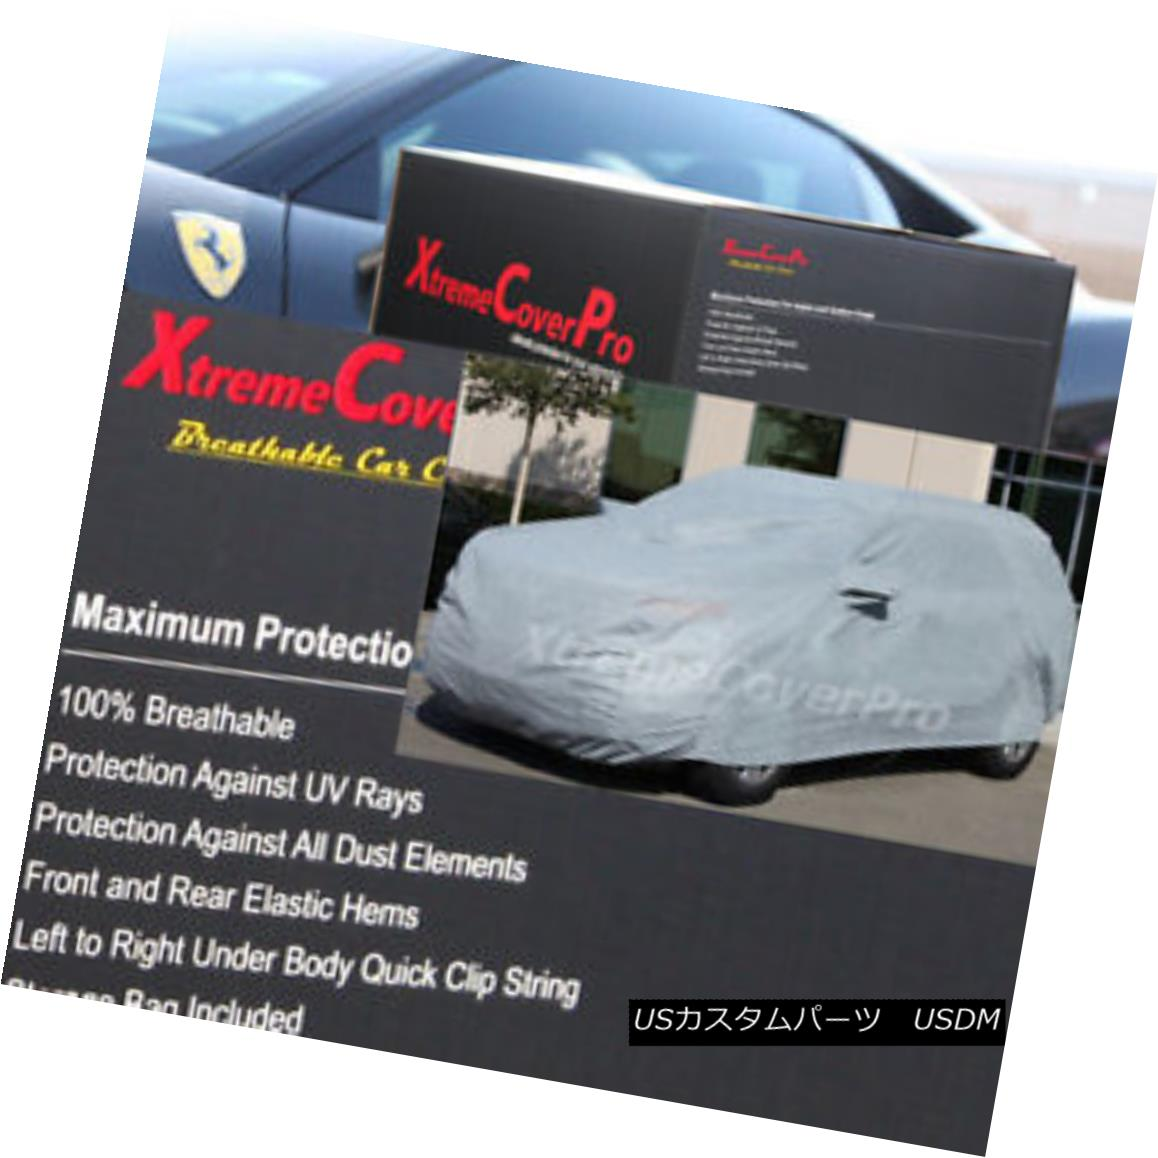 カーカバー 2004 2005 2006 2007 2008 2009 Cadillac SRX Breathable Car Cover w/MirrorPocket 2004年2005年2006年2007年2008年2009年キャデラックSRX通気性車カバー付き(MirrorPocket)